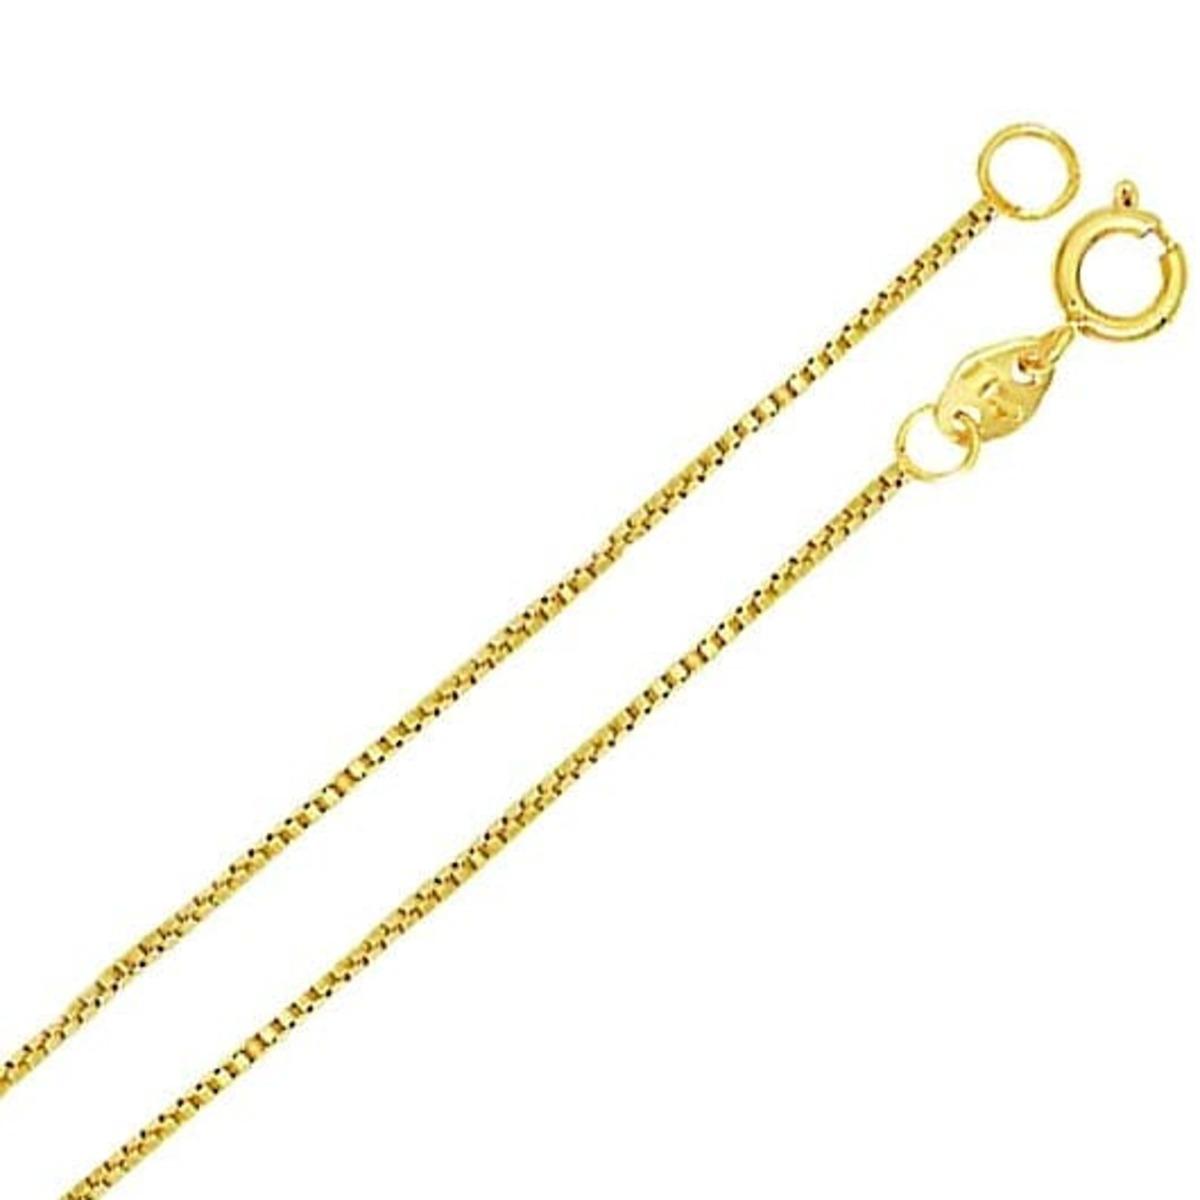 Colar Cordão Veneziana 0.8mm 60cm Banho De Ouro 18k 4760